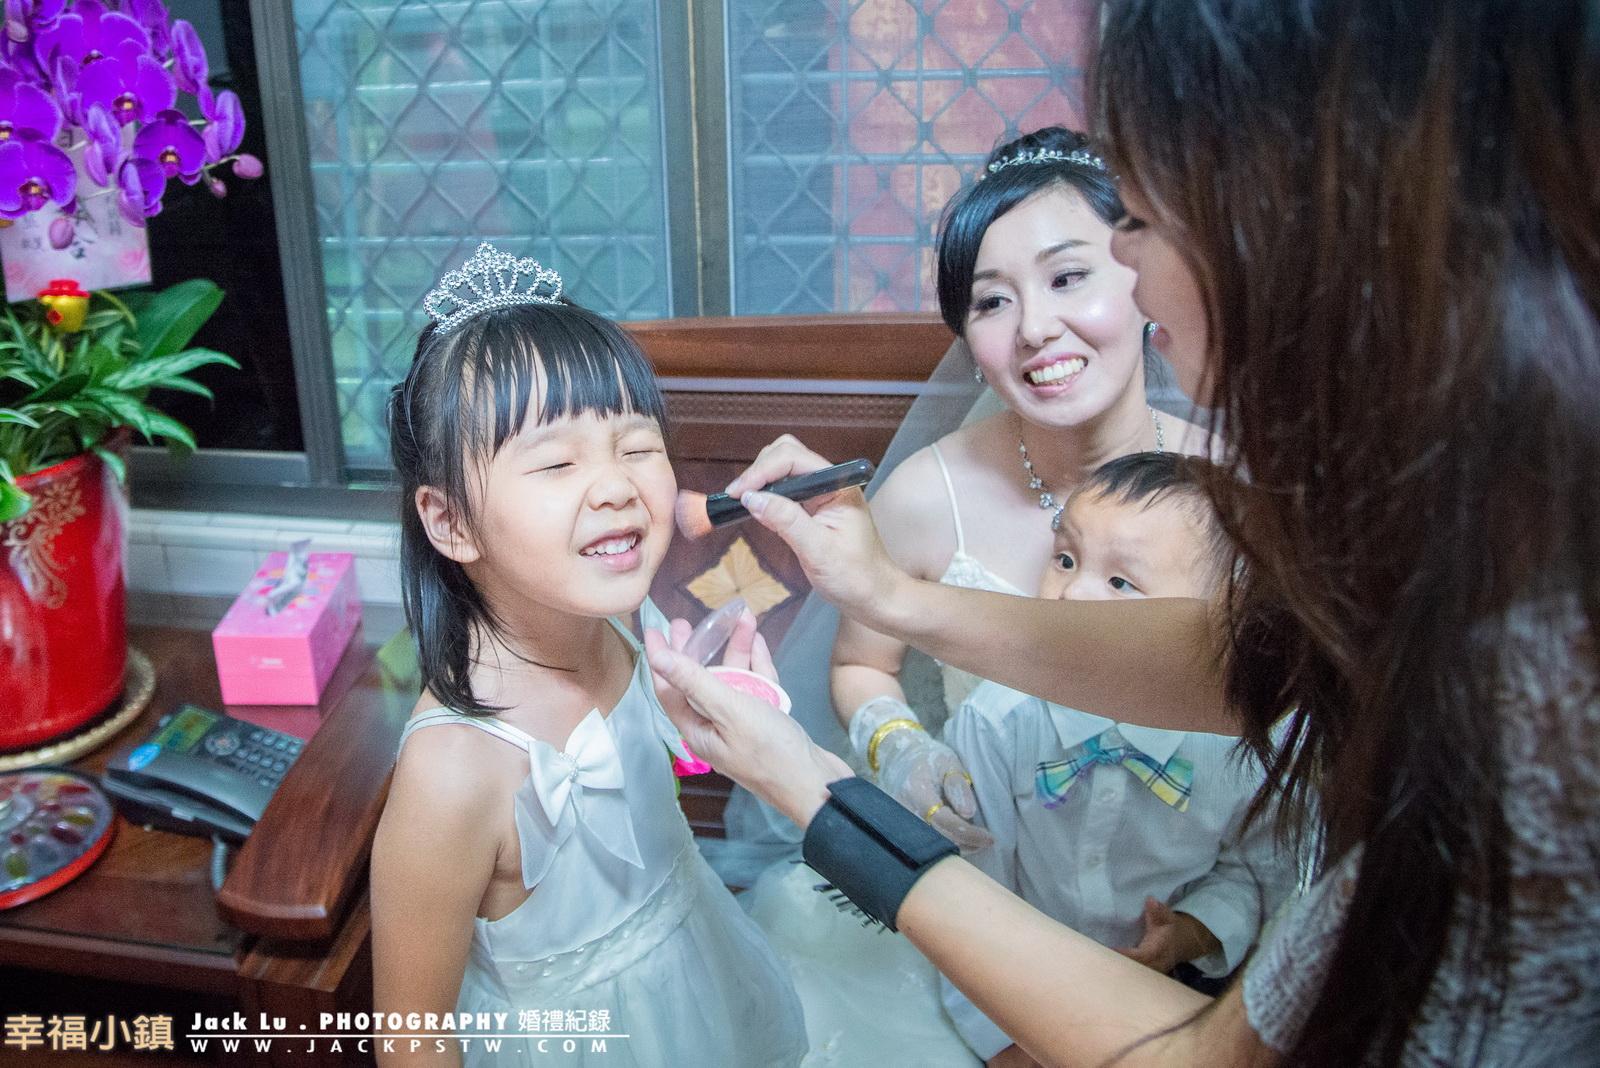 小花童看到新秘在幫新娘補妝也吵的要畫妝!當新秘幫助她時又感覺很癢